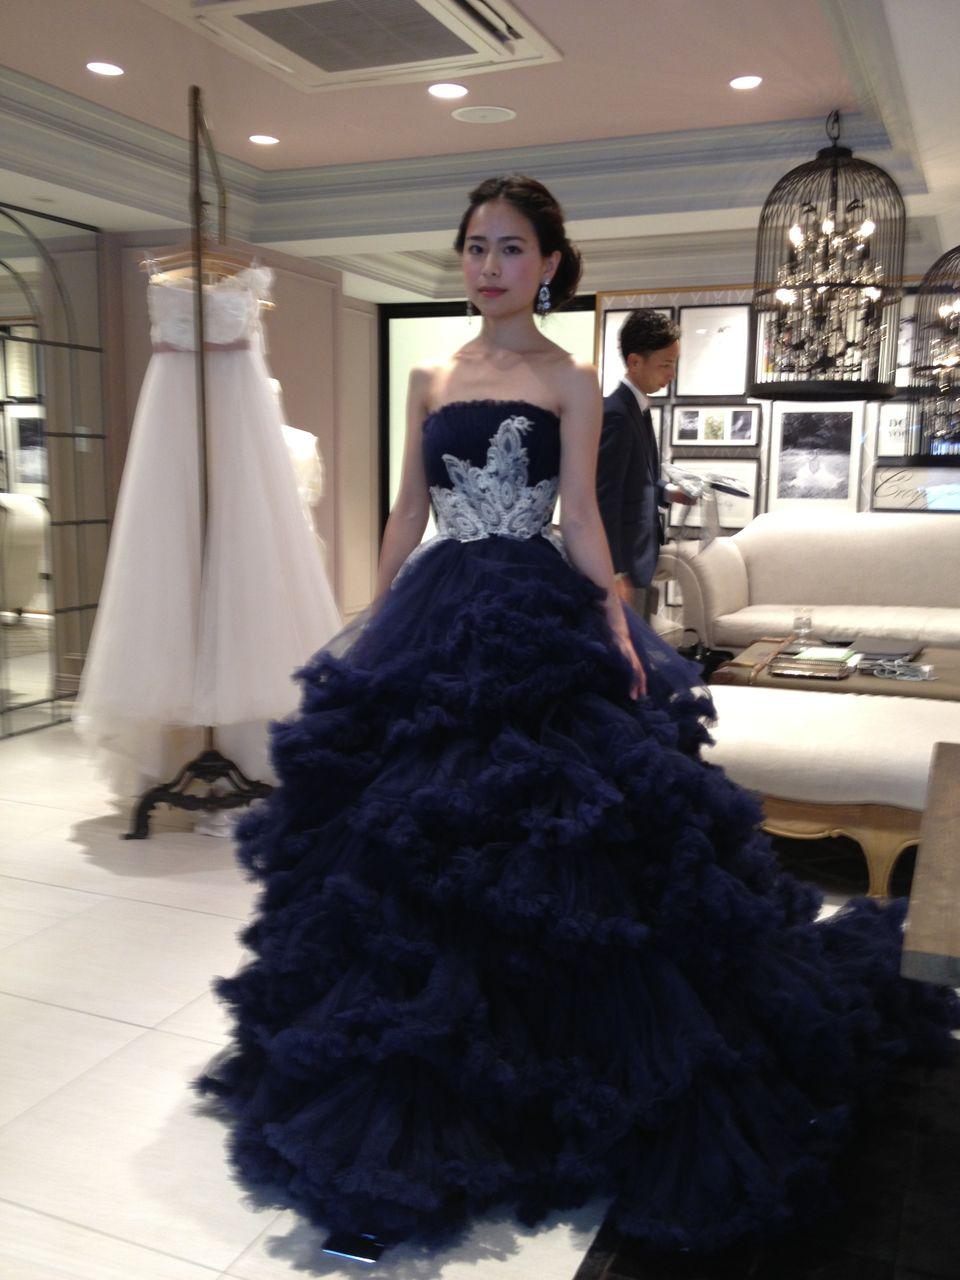 先日の発表で一番人気のドレスだそうです。 写真では濃紺に見えますが、実際にはもうちょとパープルが強かったです。